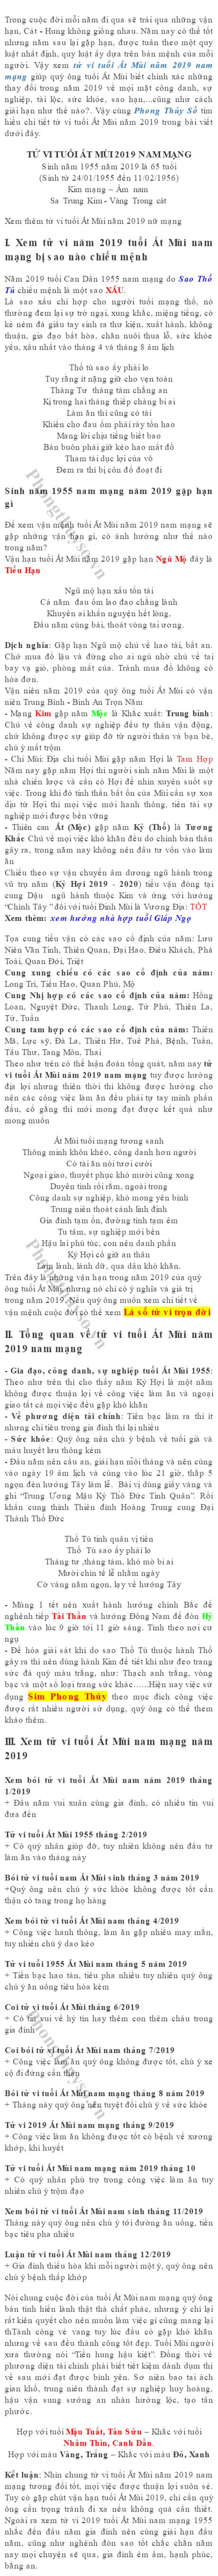 tu-vi-tuoi-at-mui-nam-2019-nam-mang